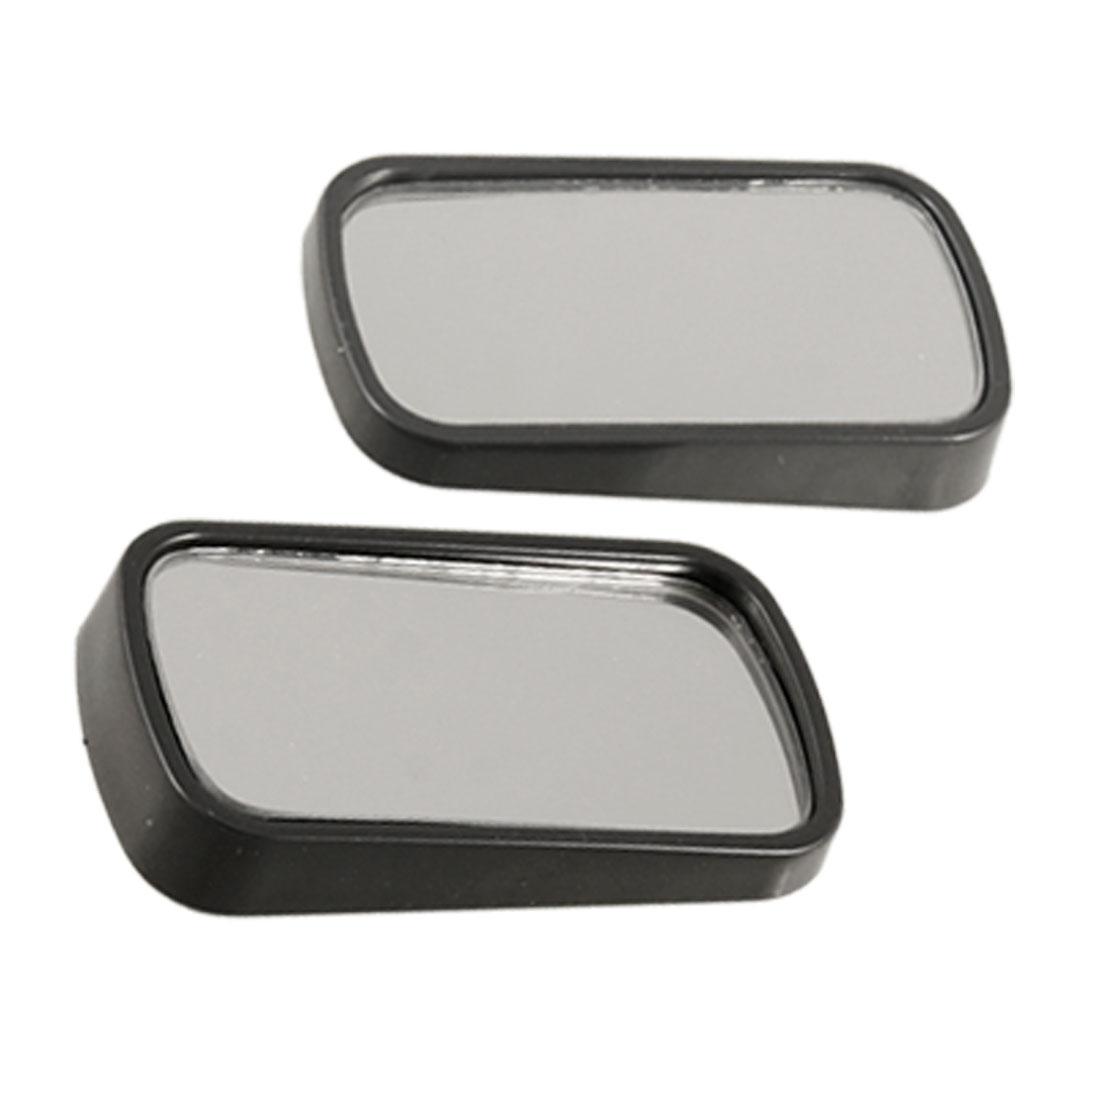 Unique Bargains 2 Pcs Auto Car Rectangular Side Rearview Blind Spot Mirror 2.5